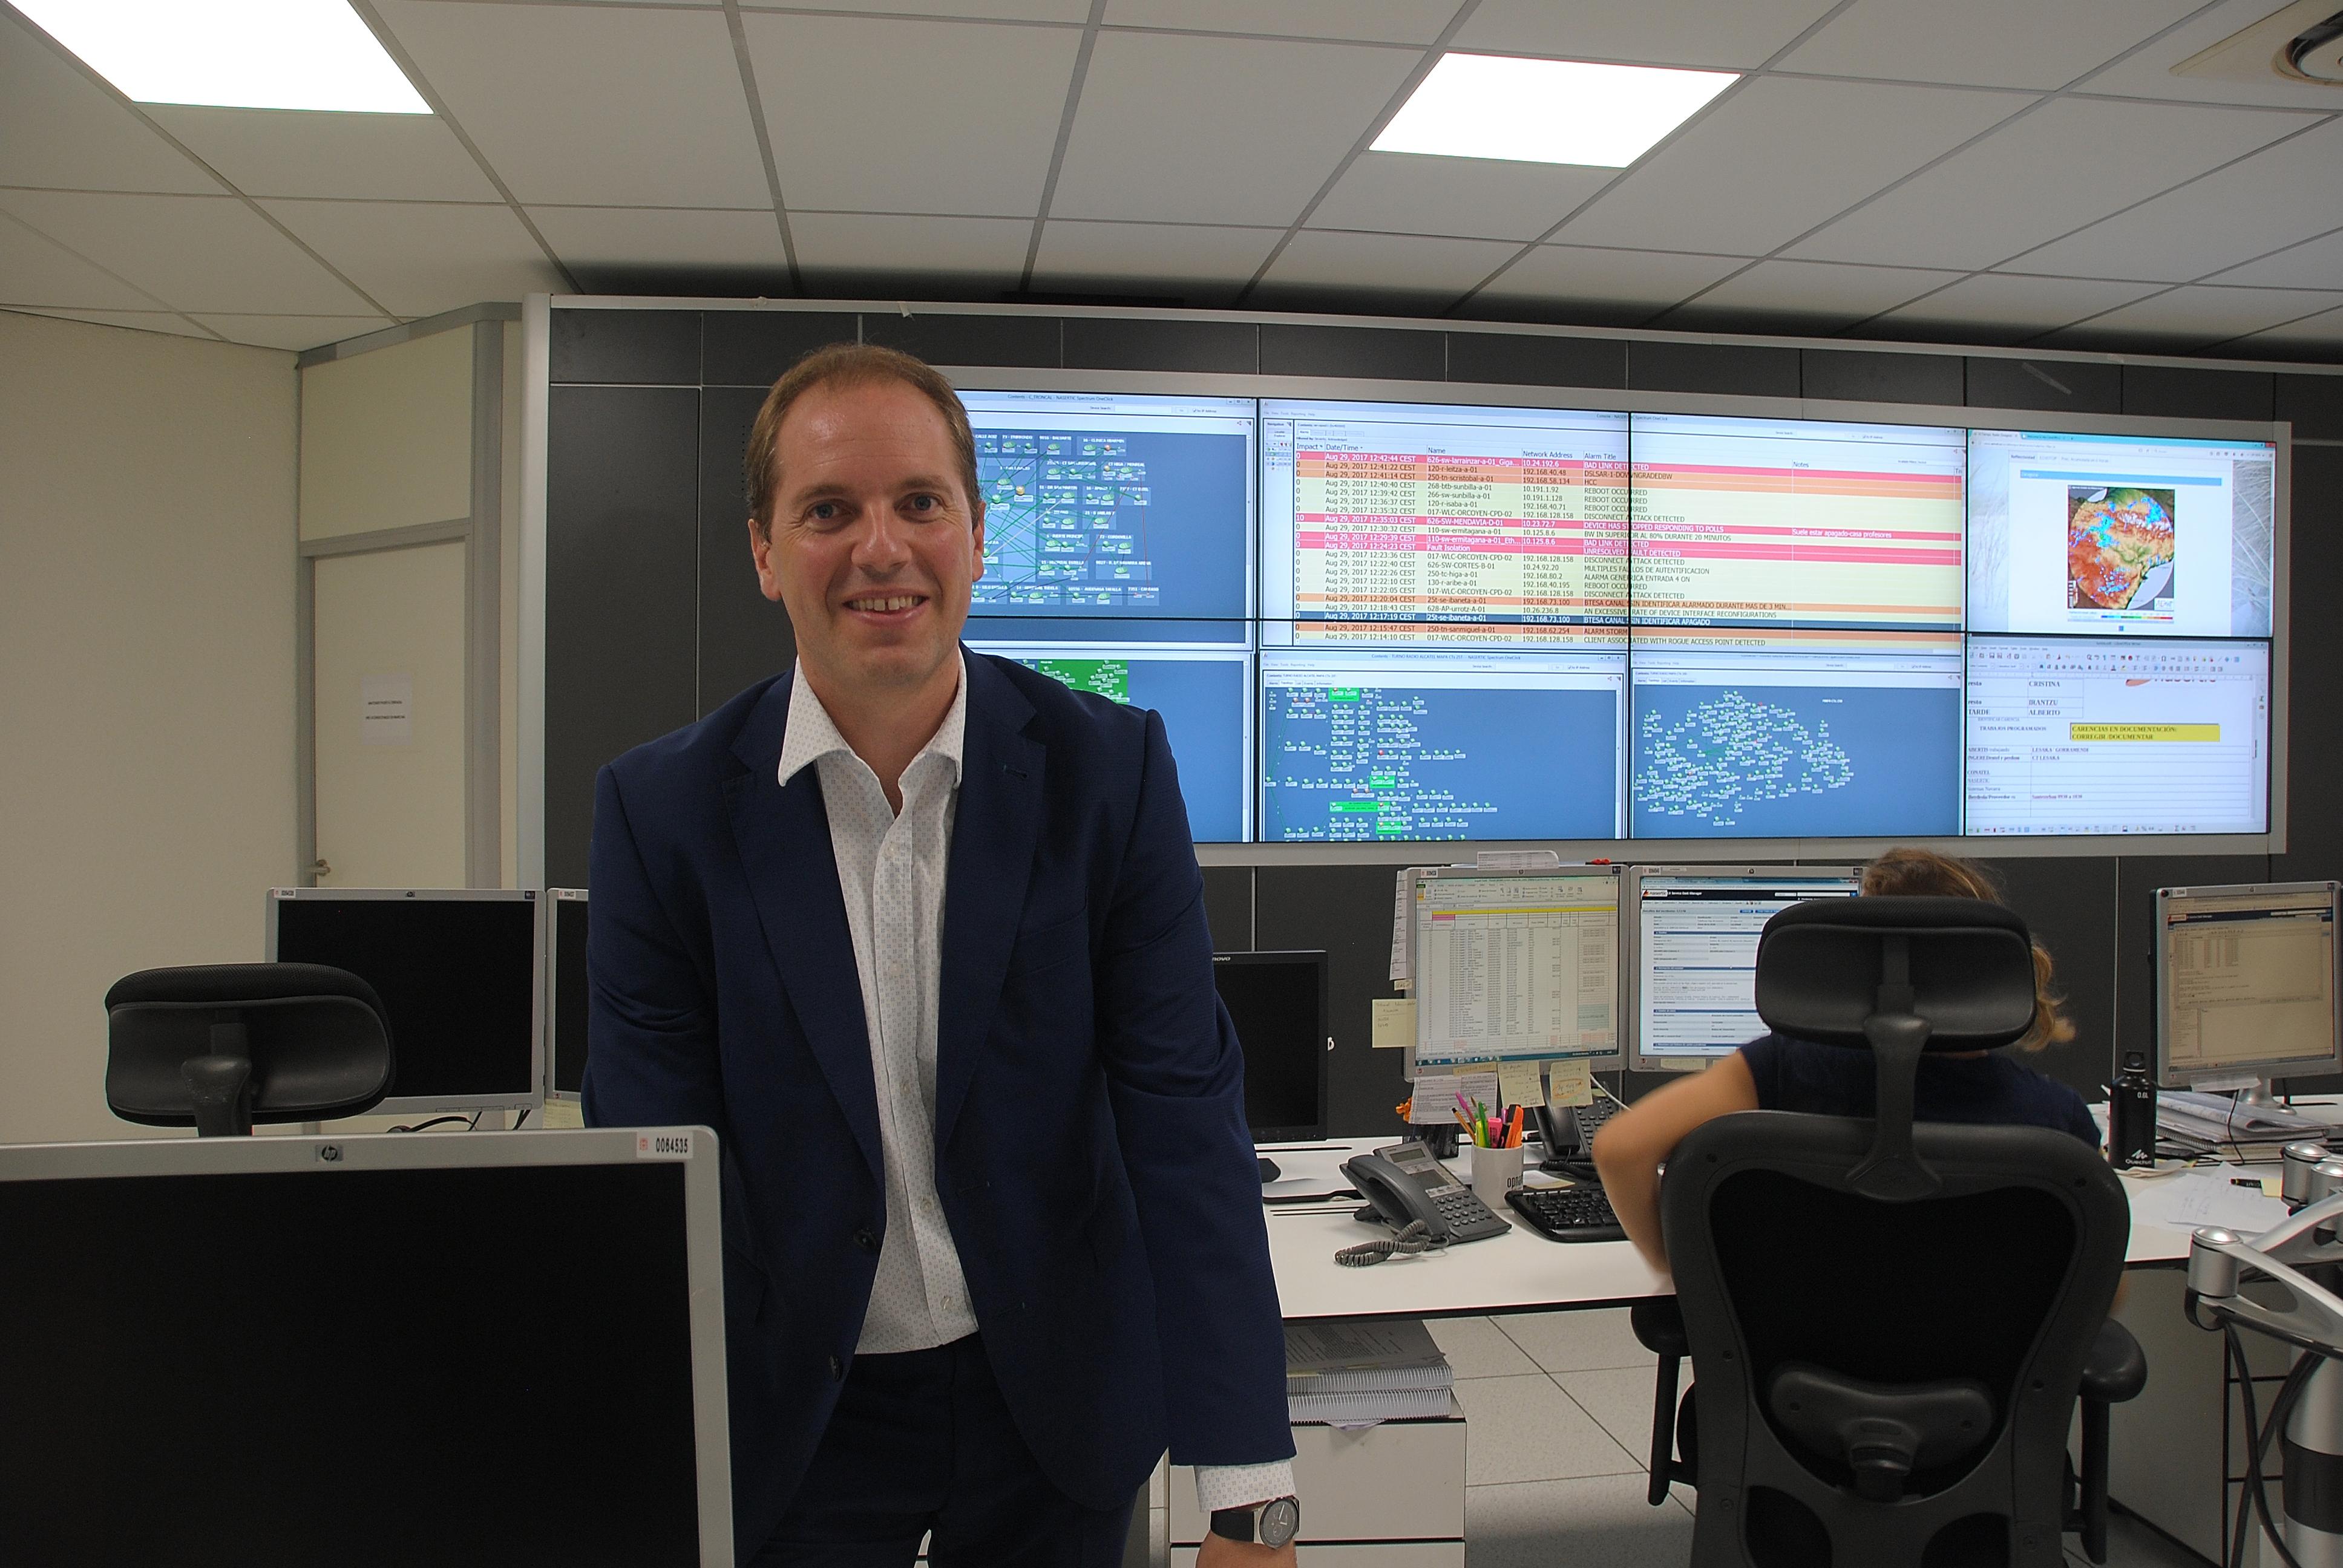 Iñaki Pinillos ante las pantallas pantallas de la Sala de Control de servicios de telecomunicaciones de Nasertic.